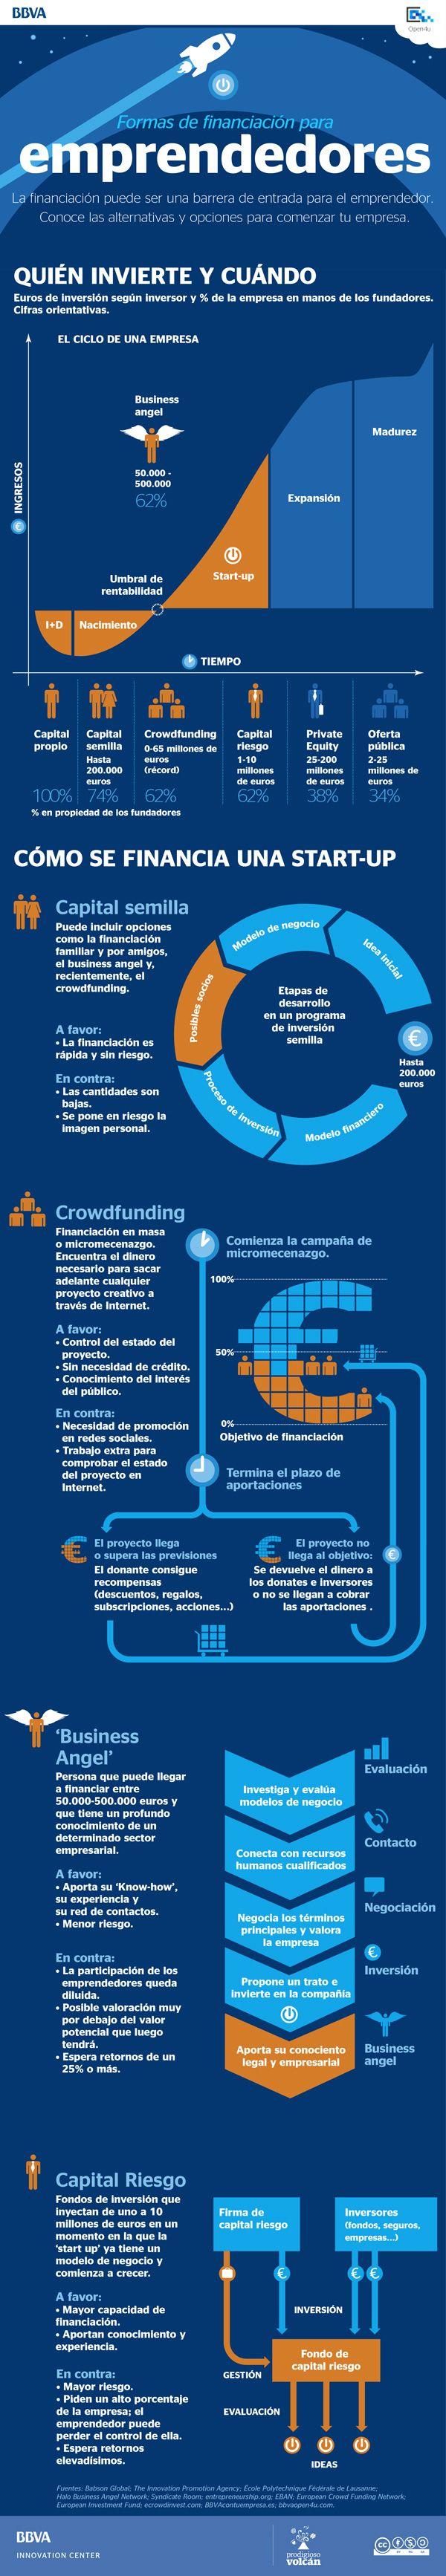 Fuentes de Financiación para Iniciar tu Startup